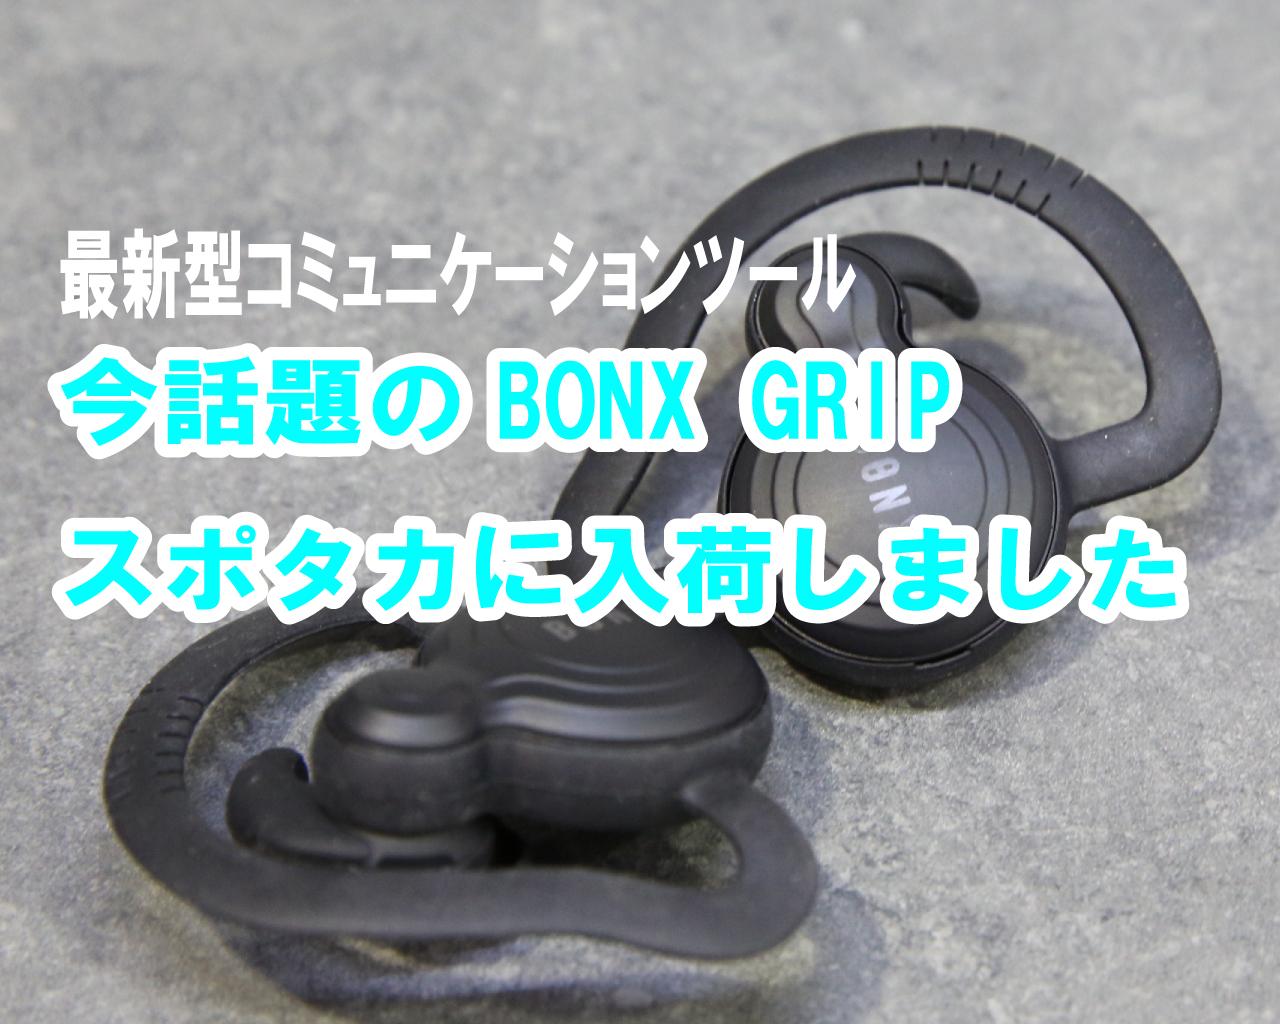 新しいコミュニケーションツールBONX GRIPがスポタカに入荷!